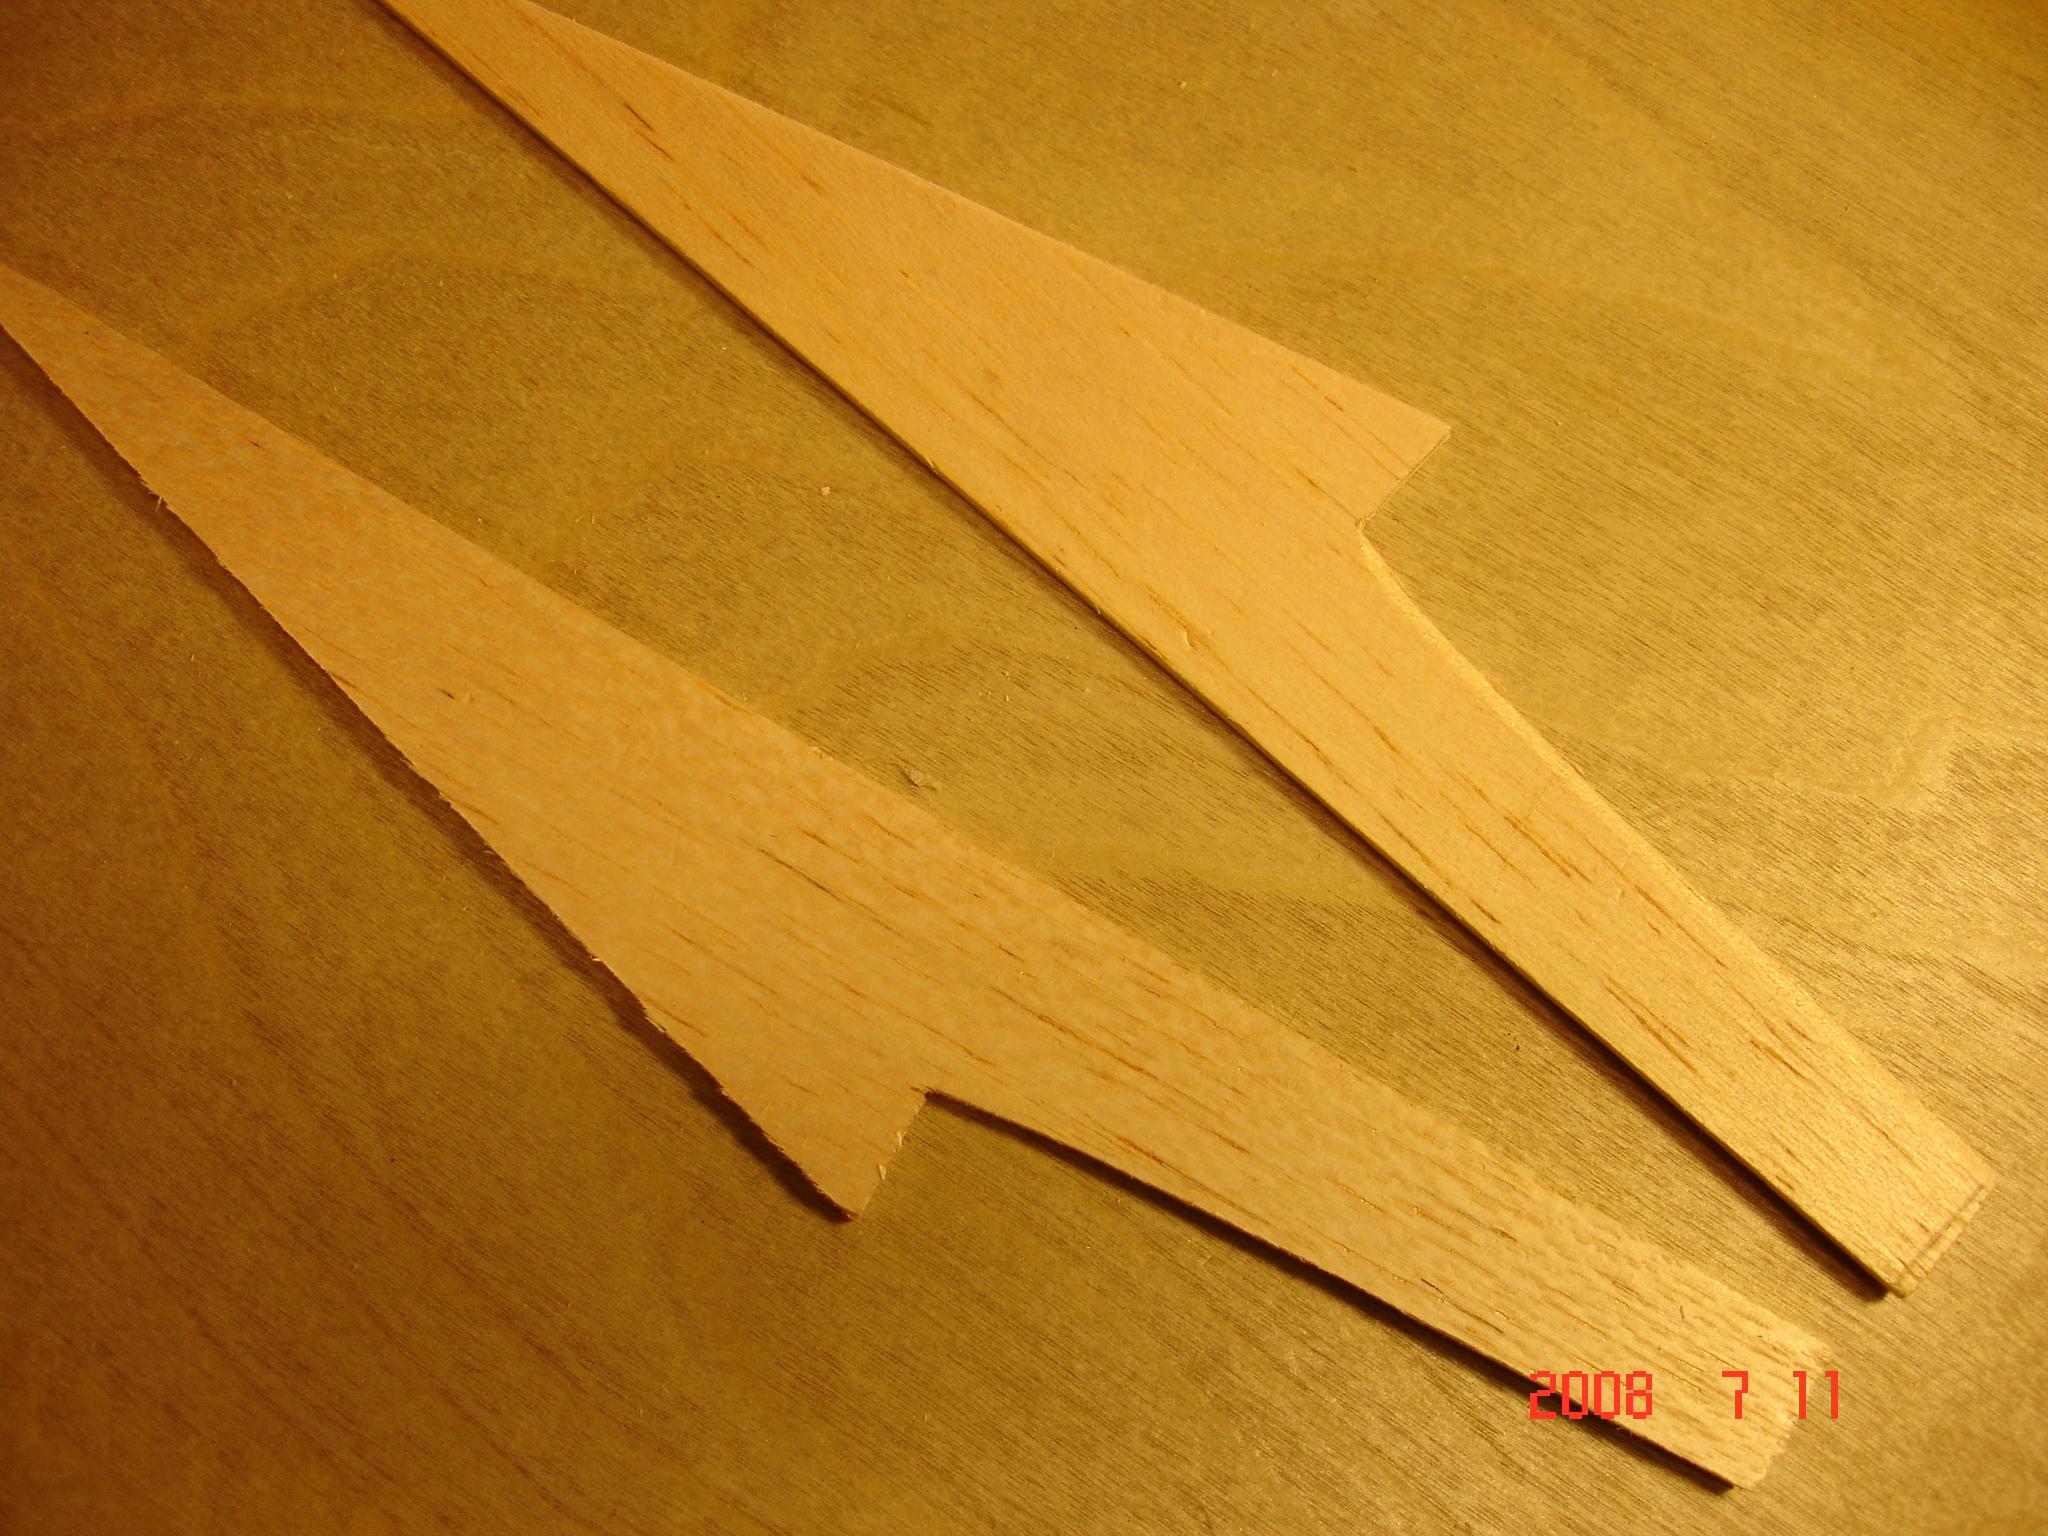 Click image for larger version  Name:Viper kroppsförstärkningsbitar.JPG Views:66 Size:1.35 MB ID:1964650